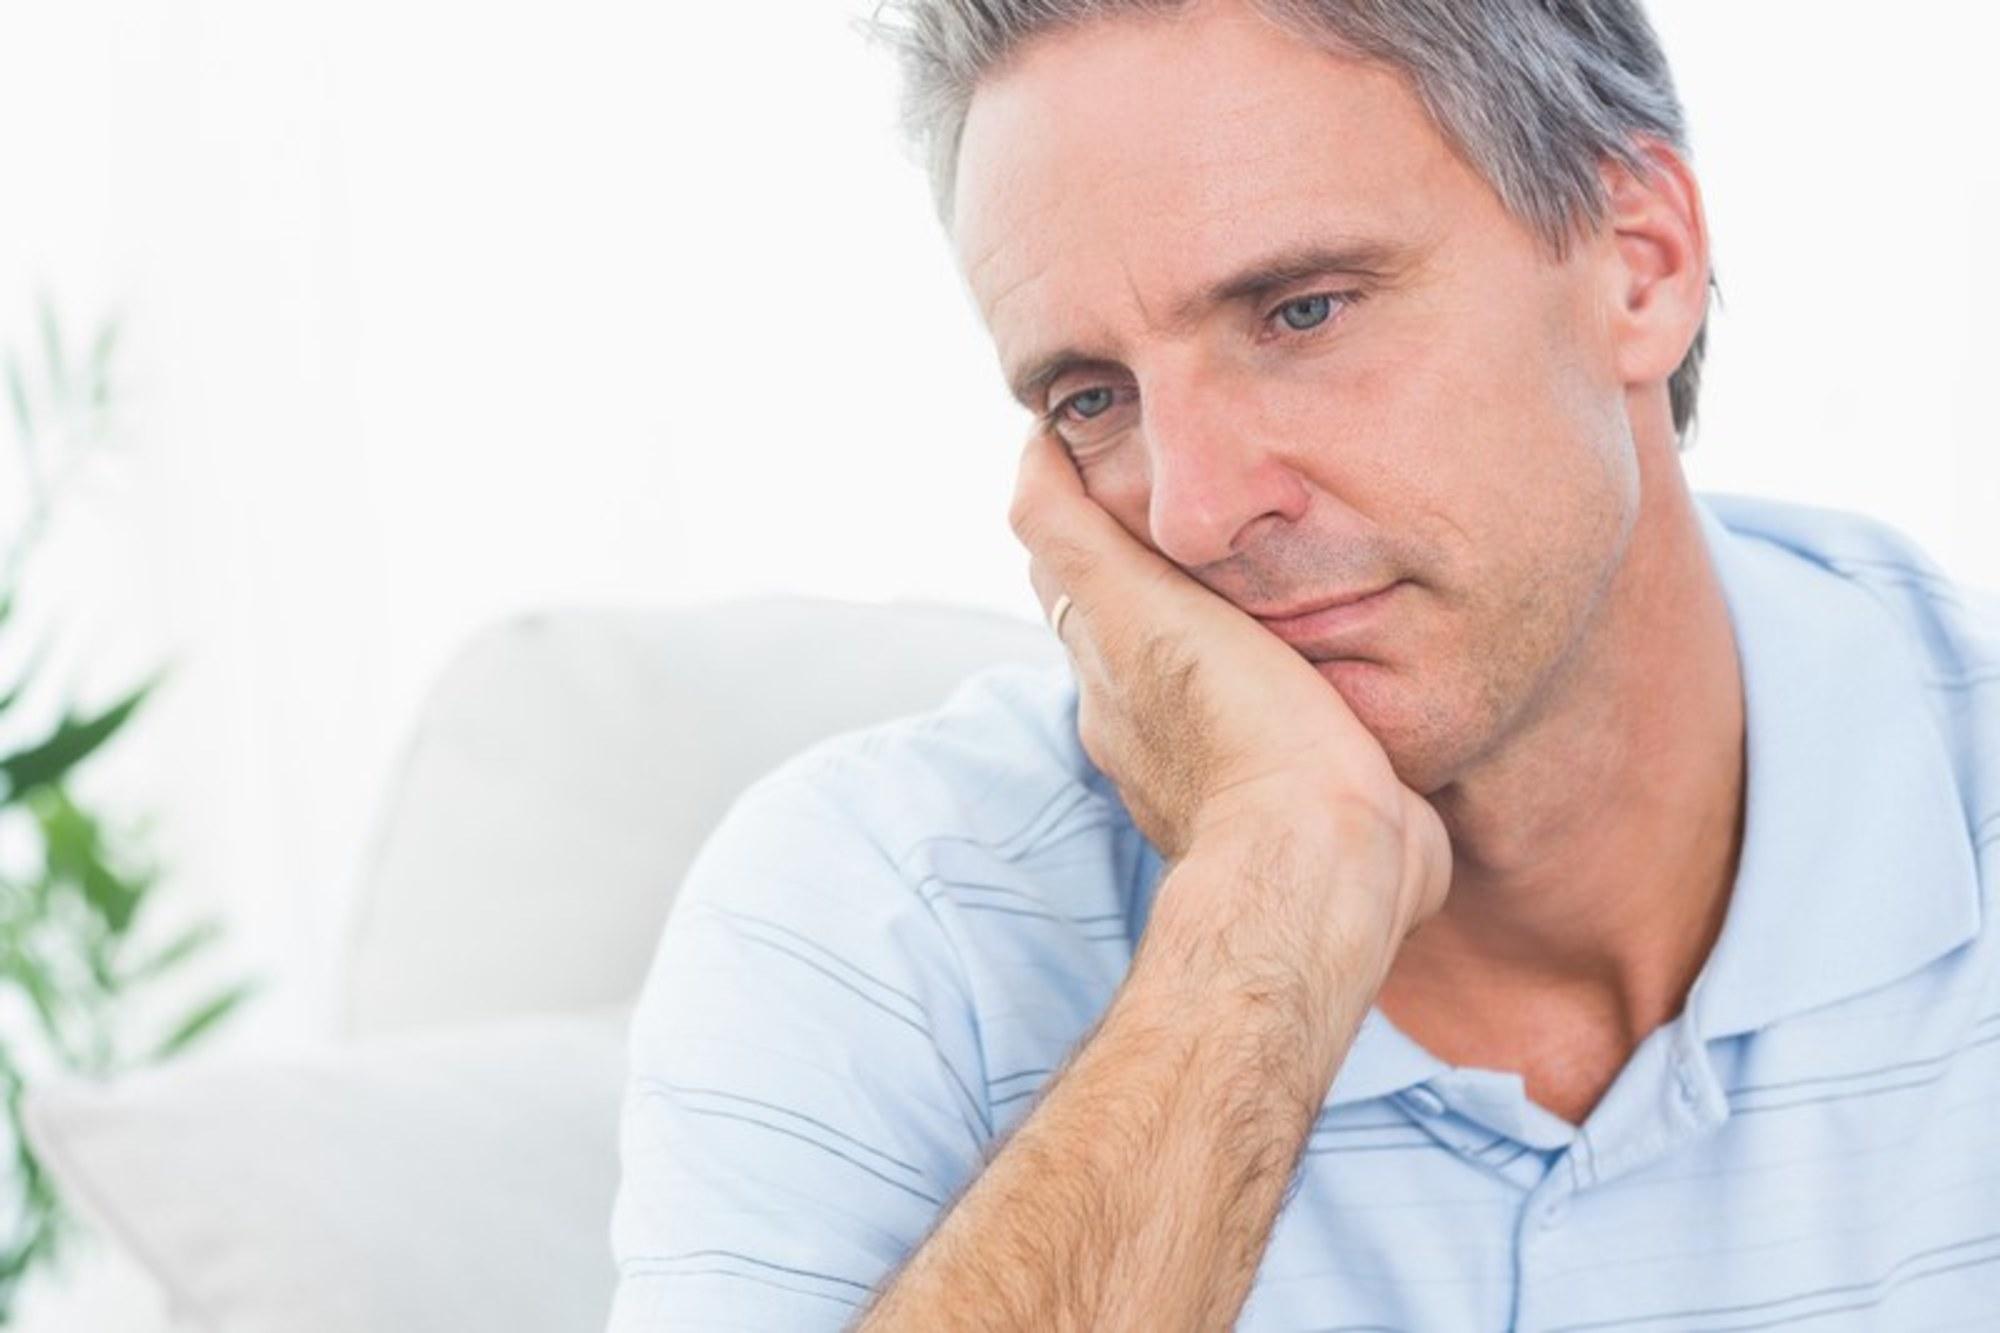 نشانه های تغییرات هورمونی در مردان و مدیریت آن ها